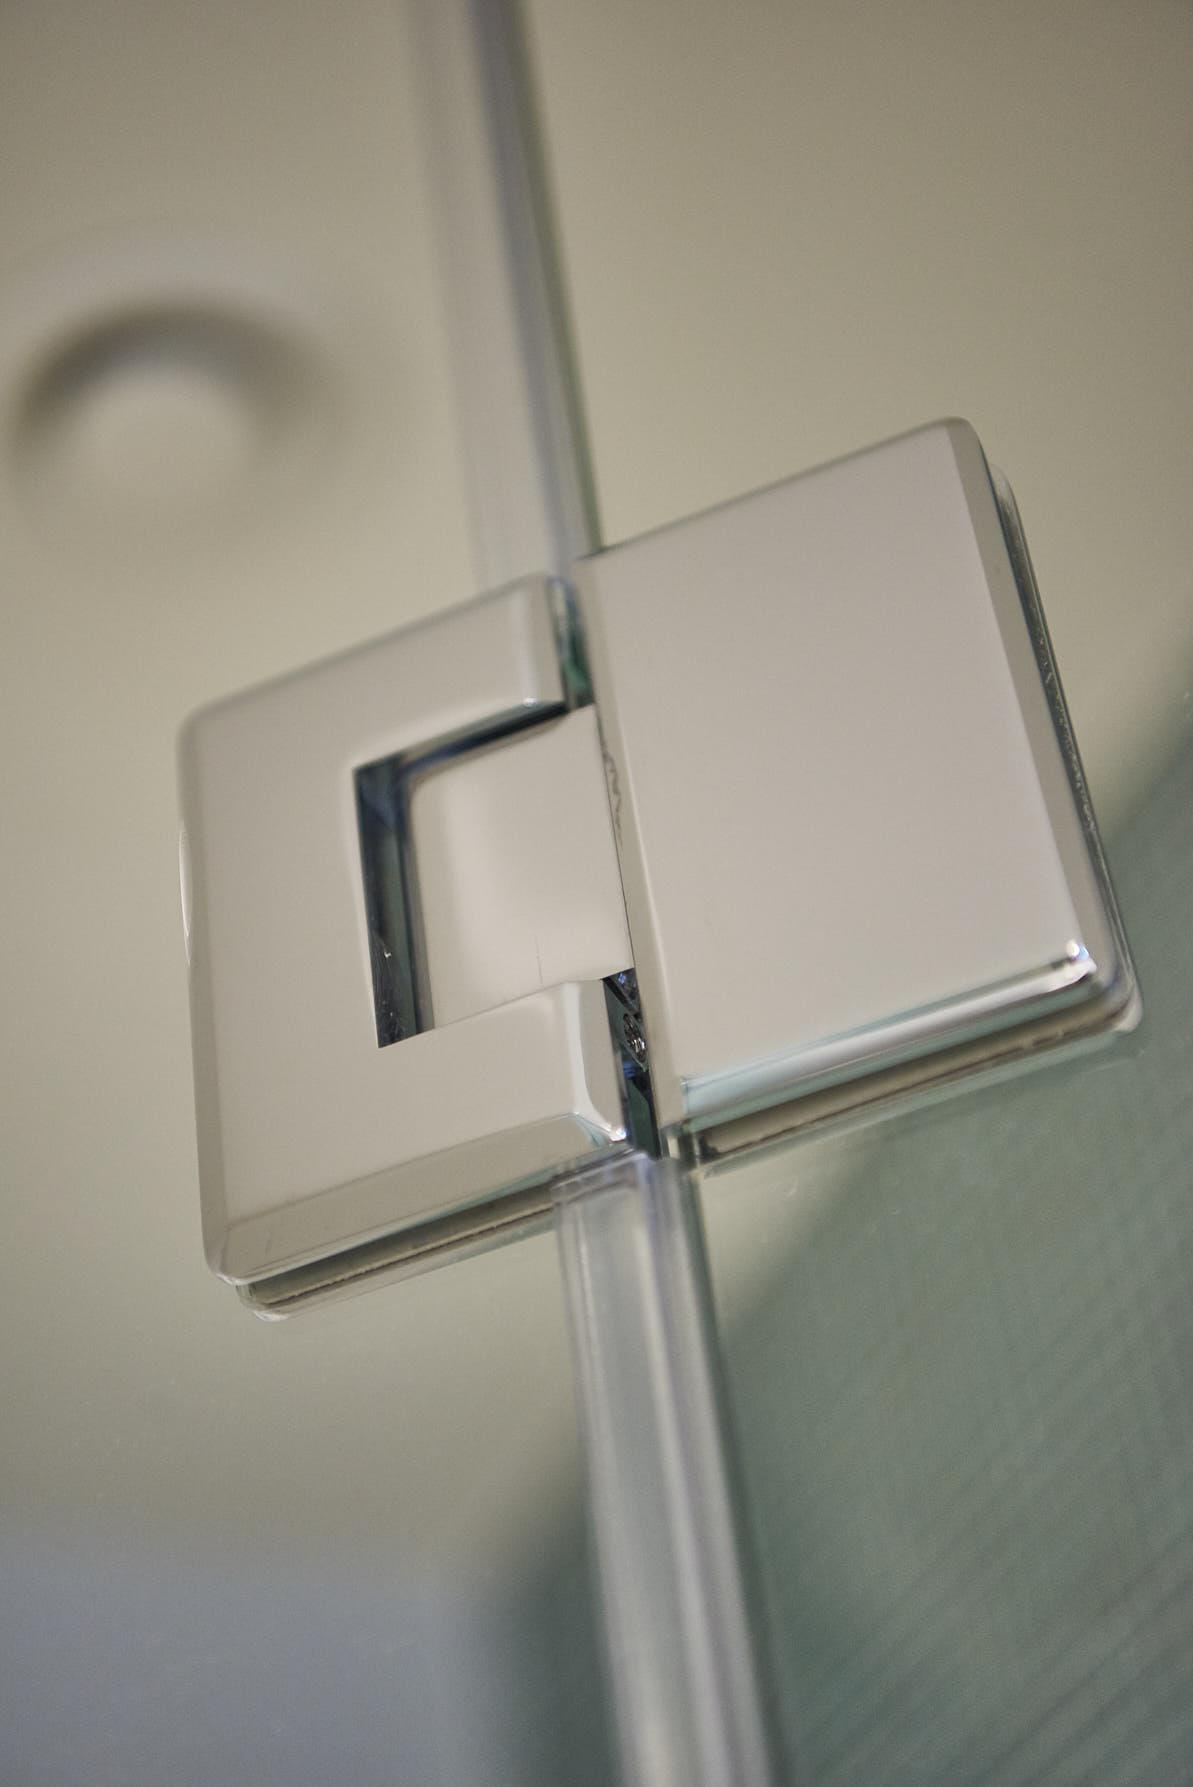 Drzwi kabiny prysznicowej z uszczelkami z serii Budrio, na zawiasach z kolekcji Bologna